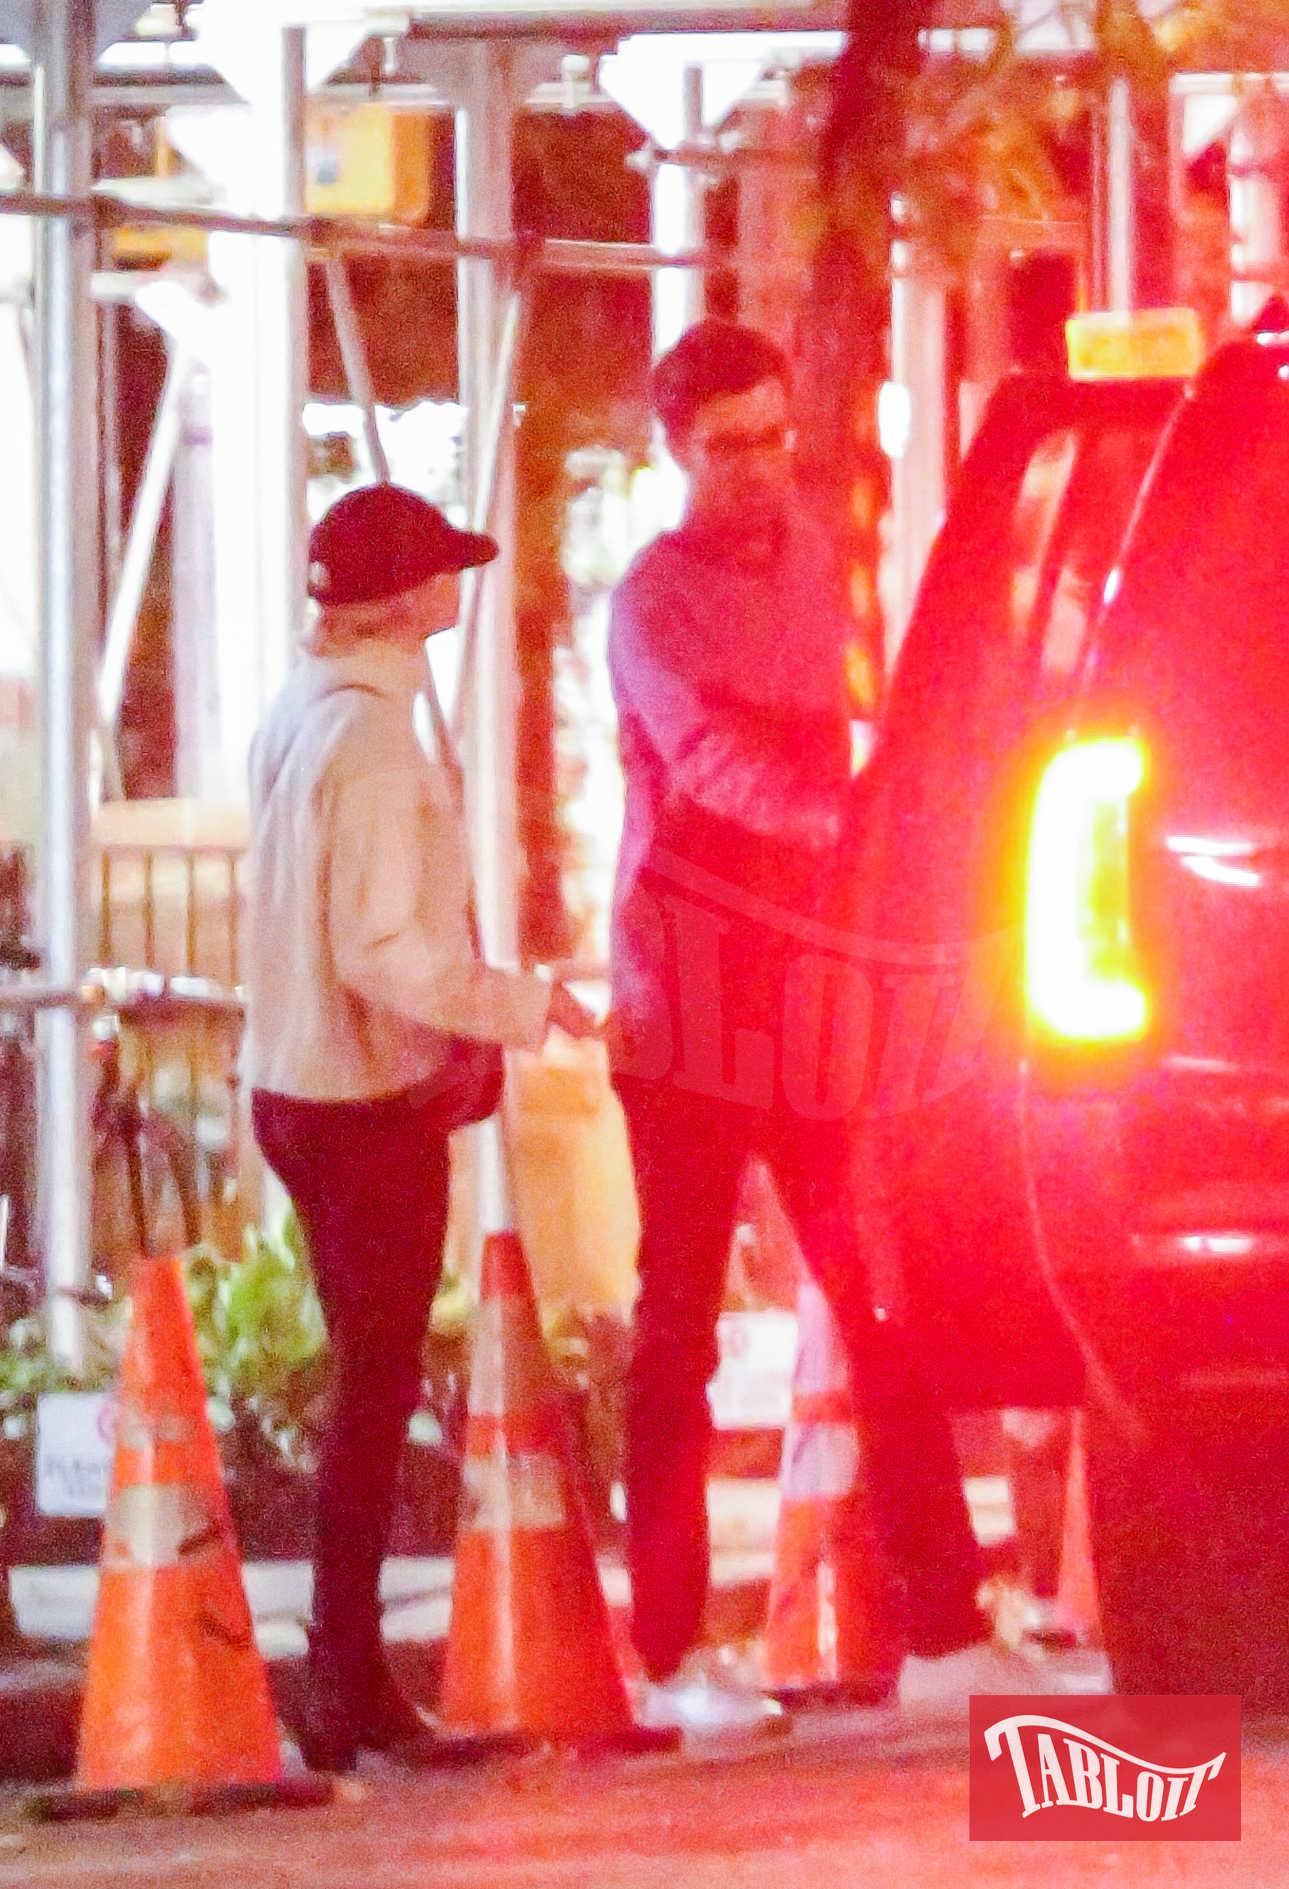 Emma Stone e Dave McCary festeggiano il 29esimo compleanno dell'attrice a New York. Lui, da vero galantuomo, le apre la portiera della macchina